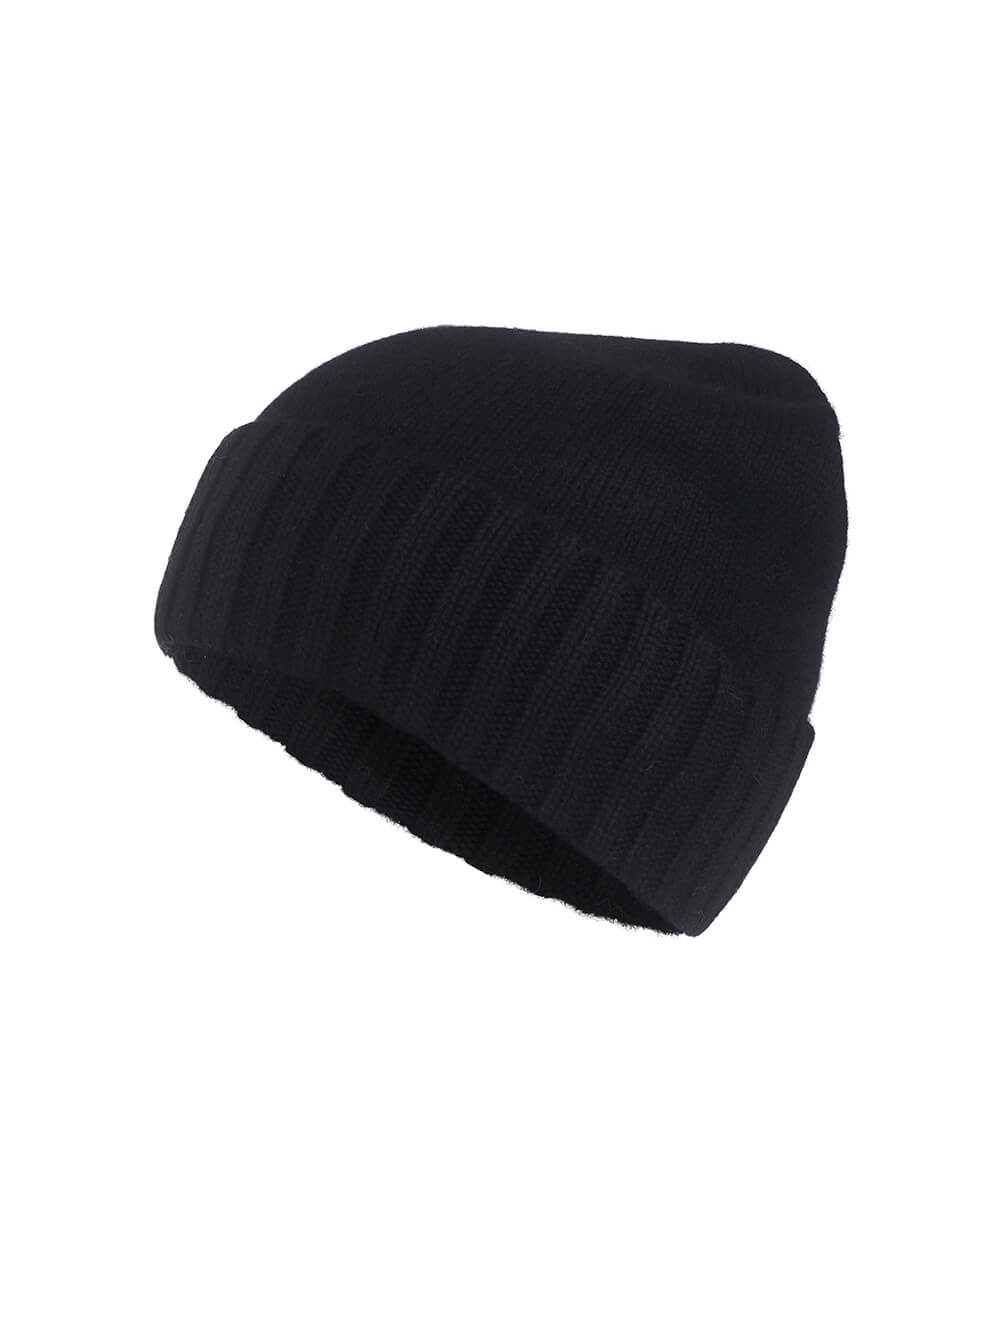 Женская шапка черного цвета из 100% кашемира - фото 1